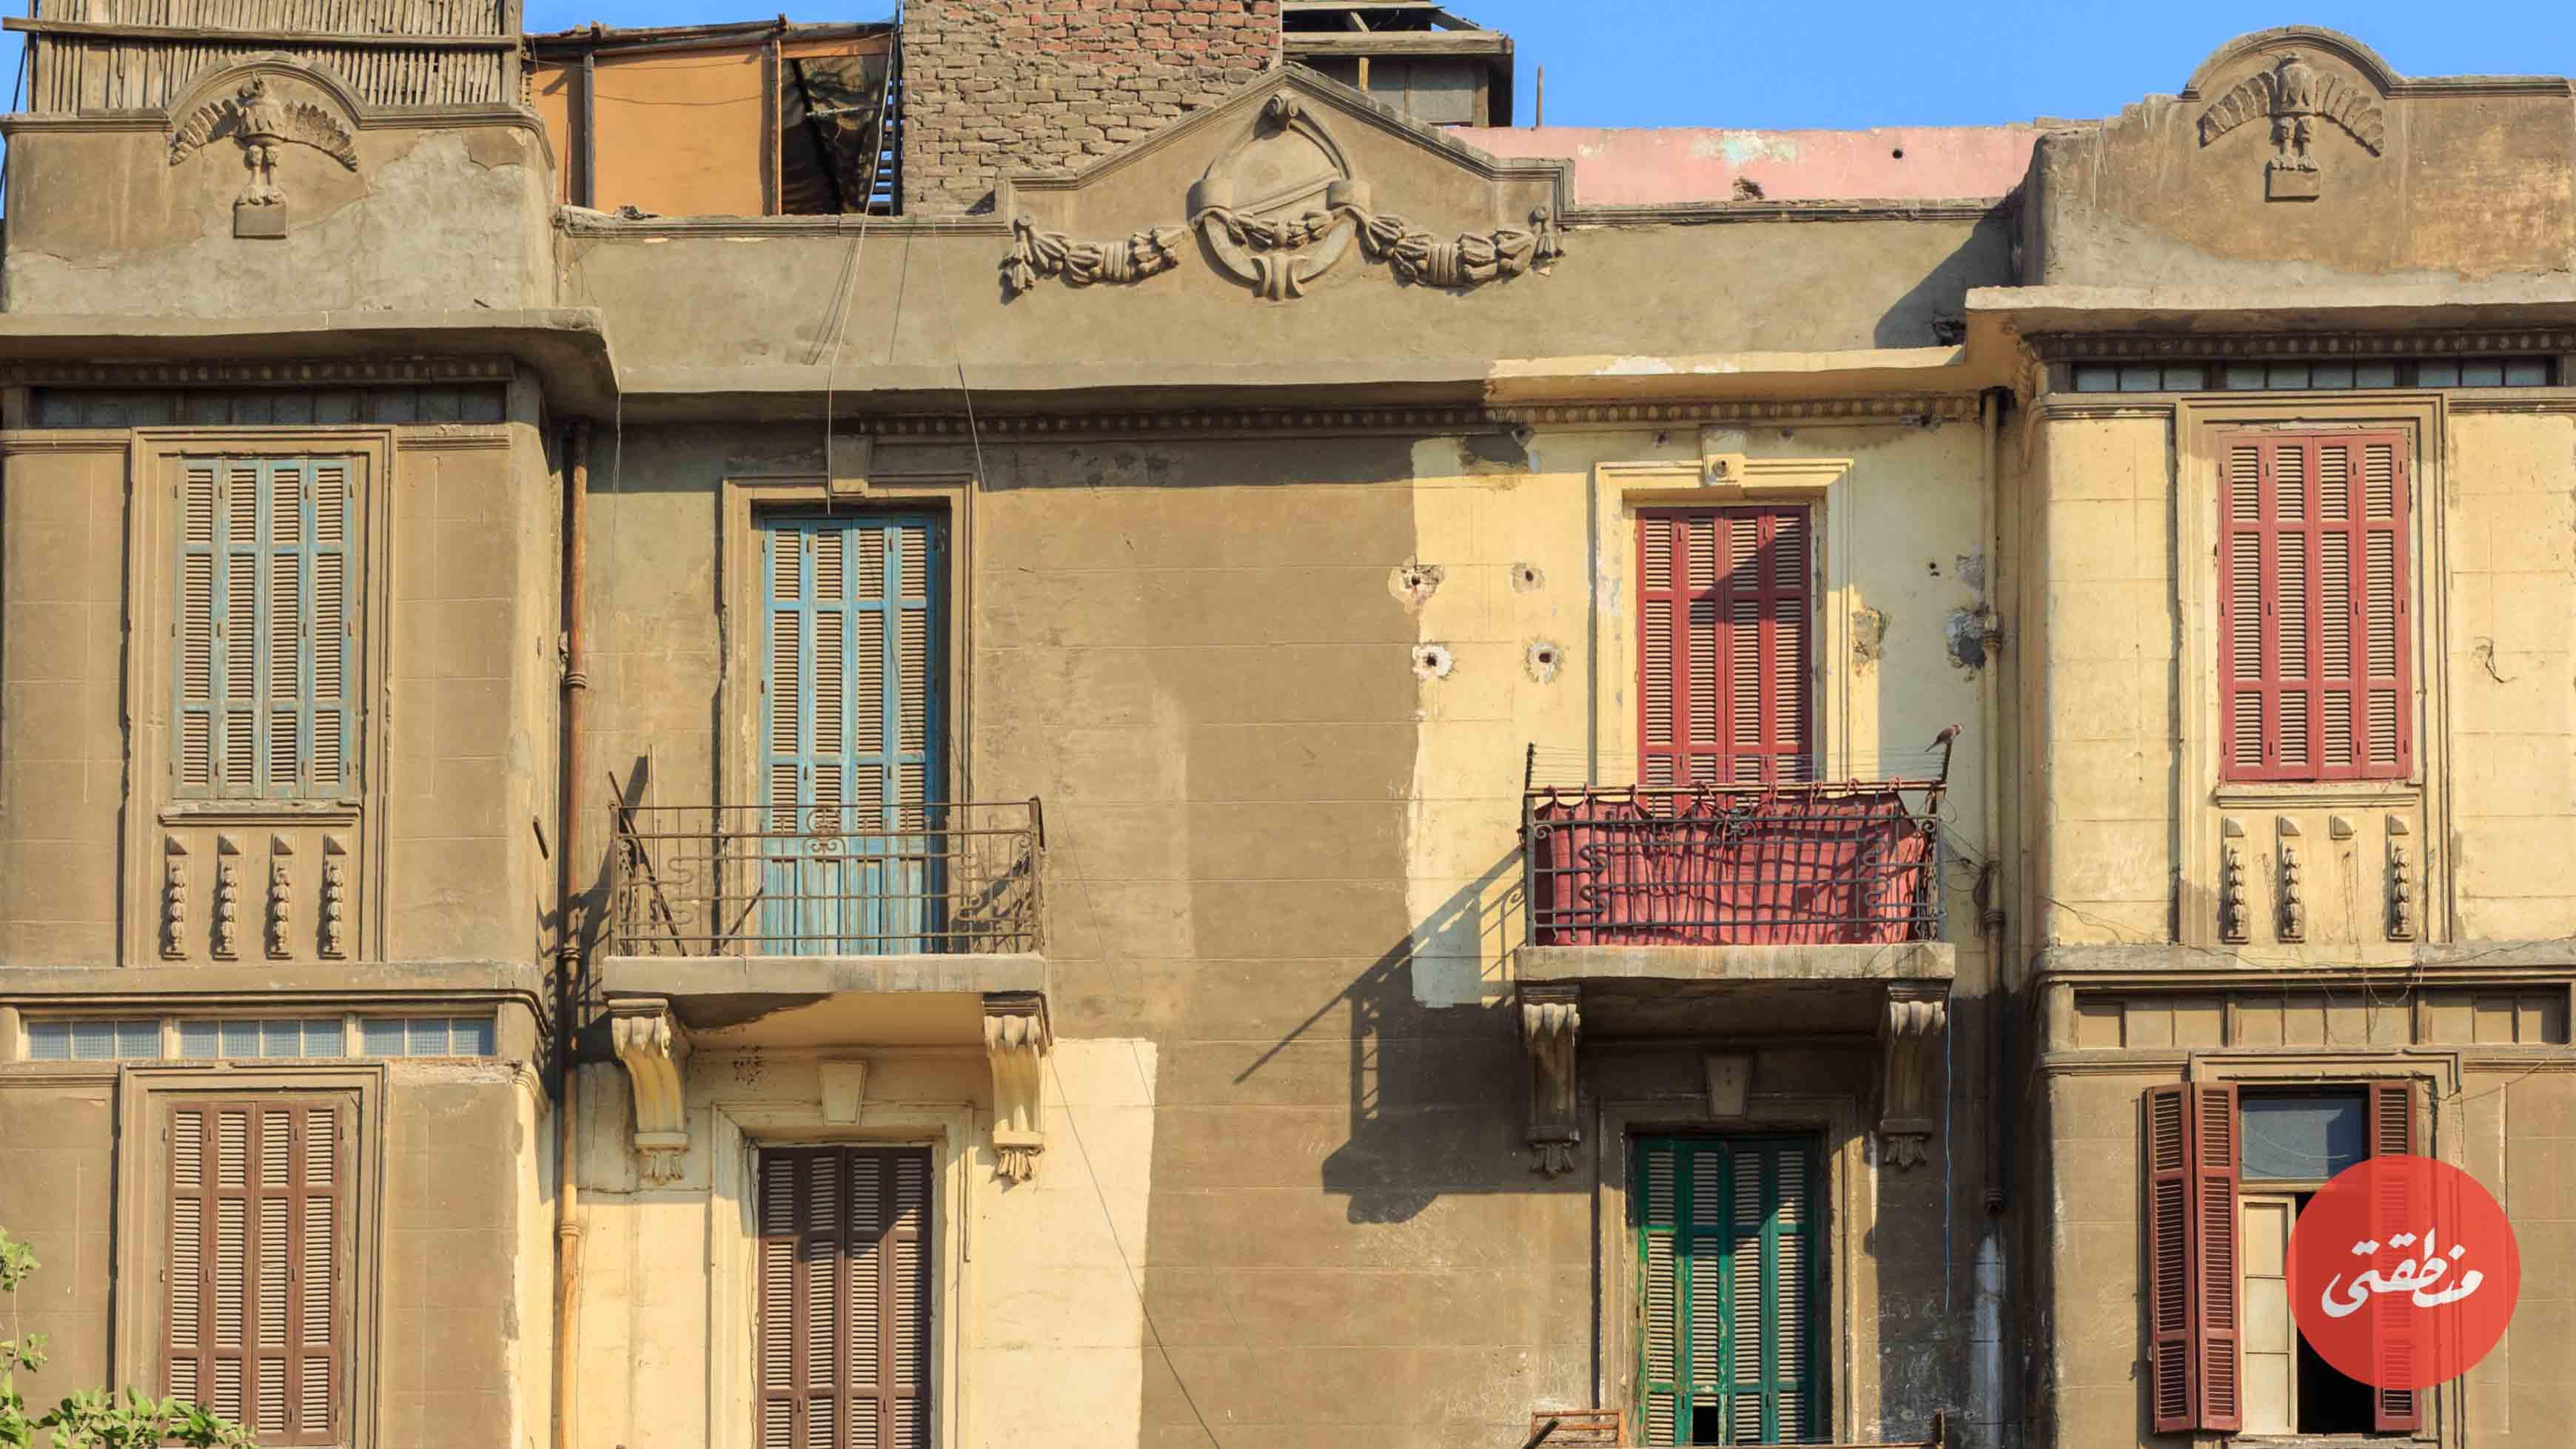 هل تُهدم عمارات مثلث ماسبيرو التراثية؟ - تصوير - عبد الرحمن محمد